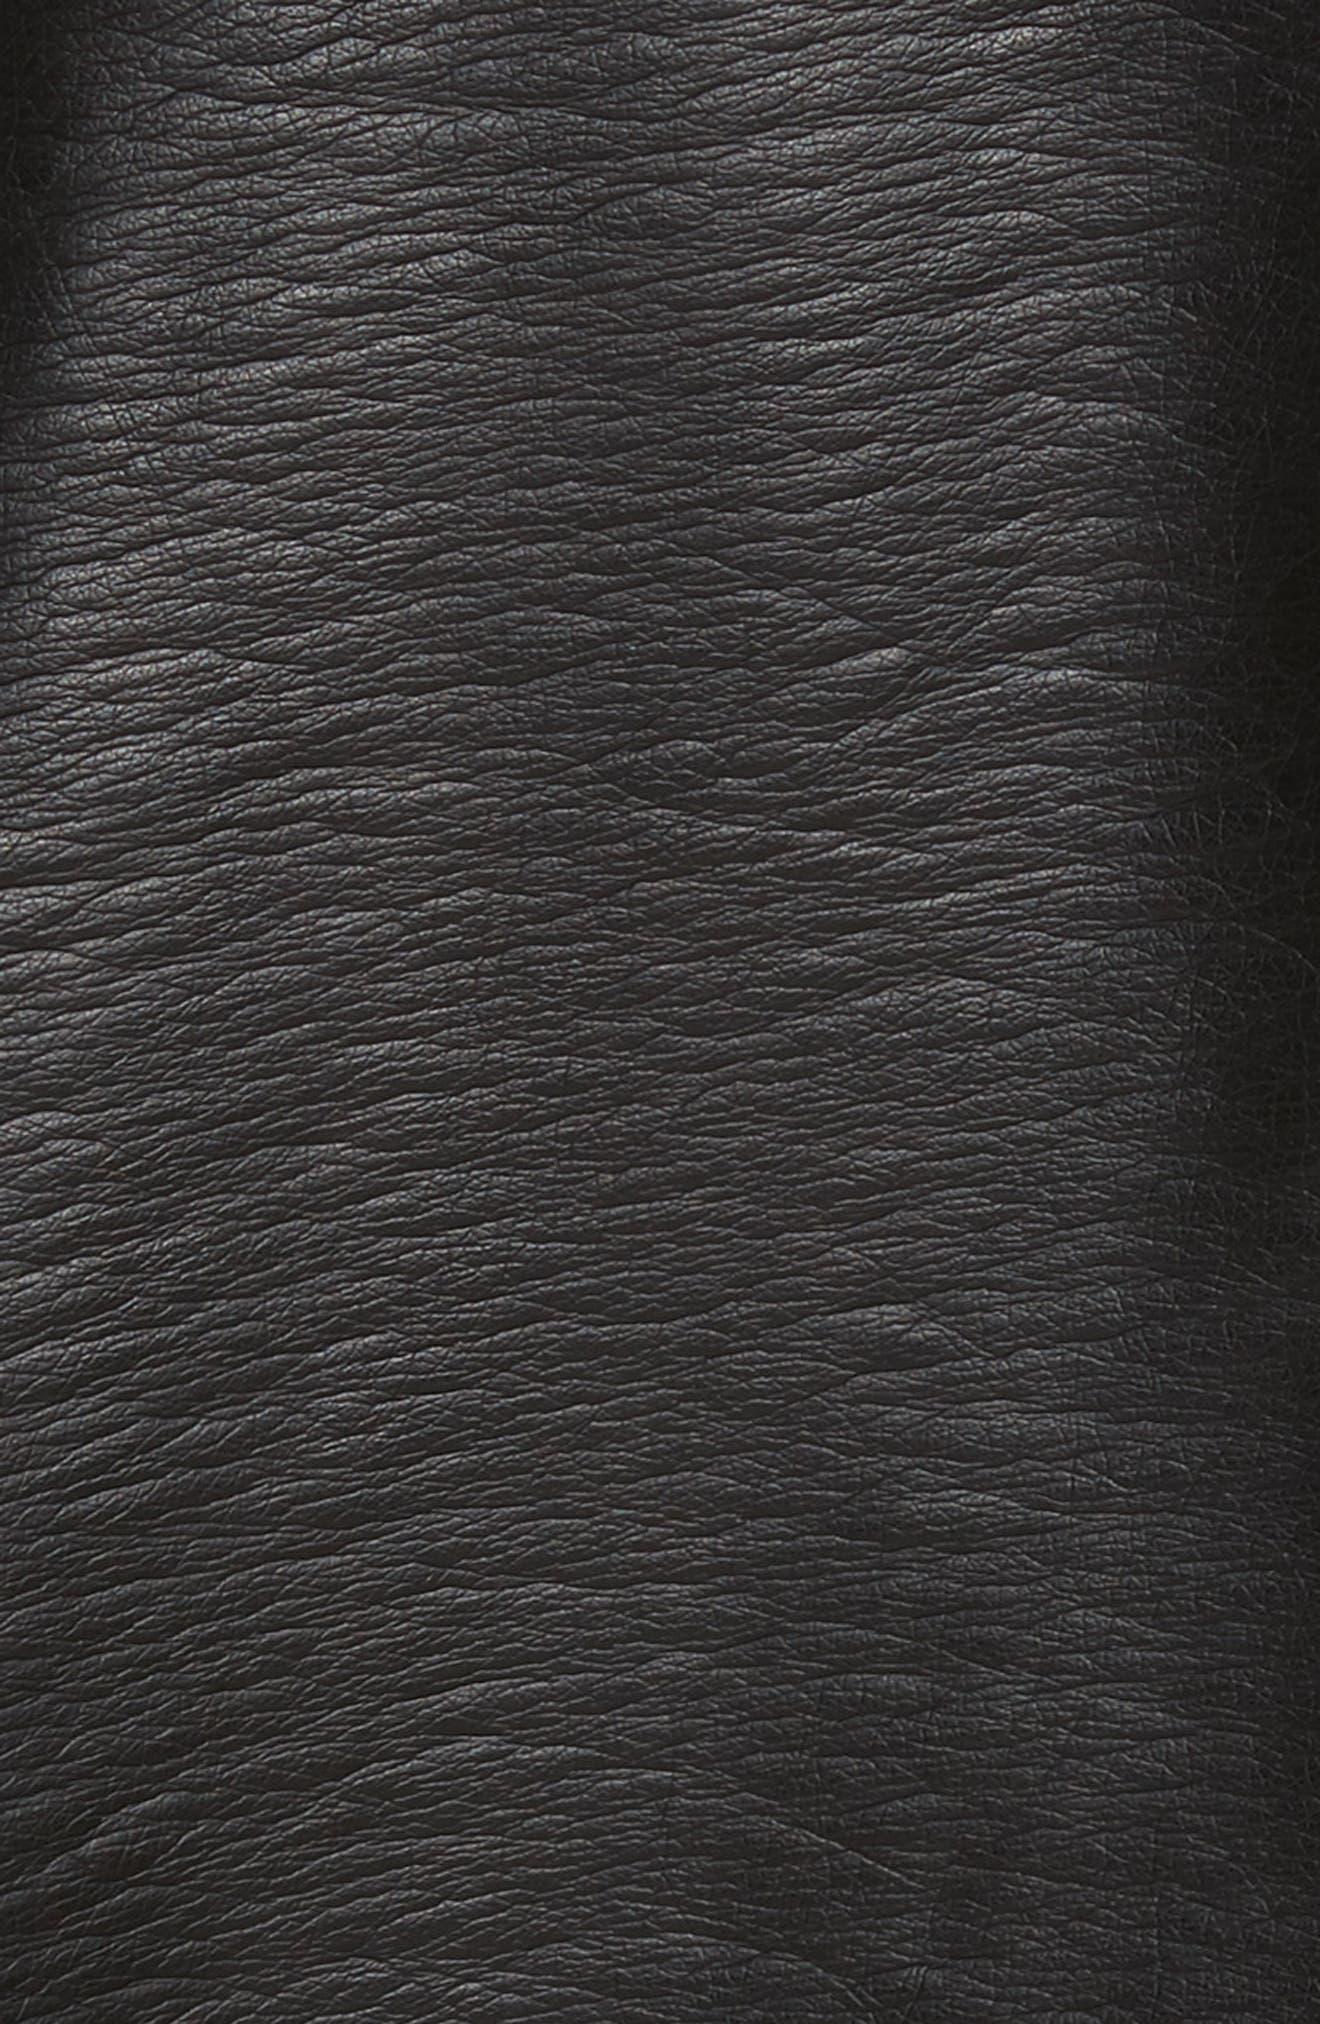 Halen Faux Leather Moto Jacket,                             Alternate thumbnail 5, color,                             Black